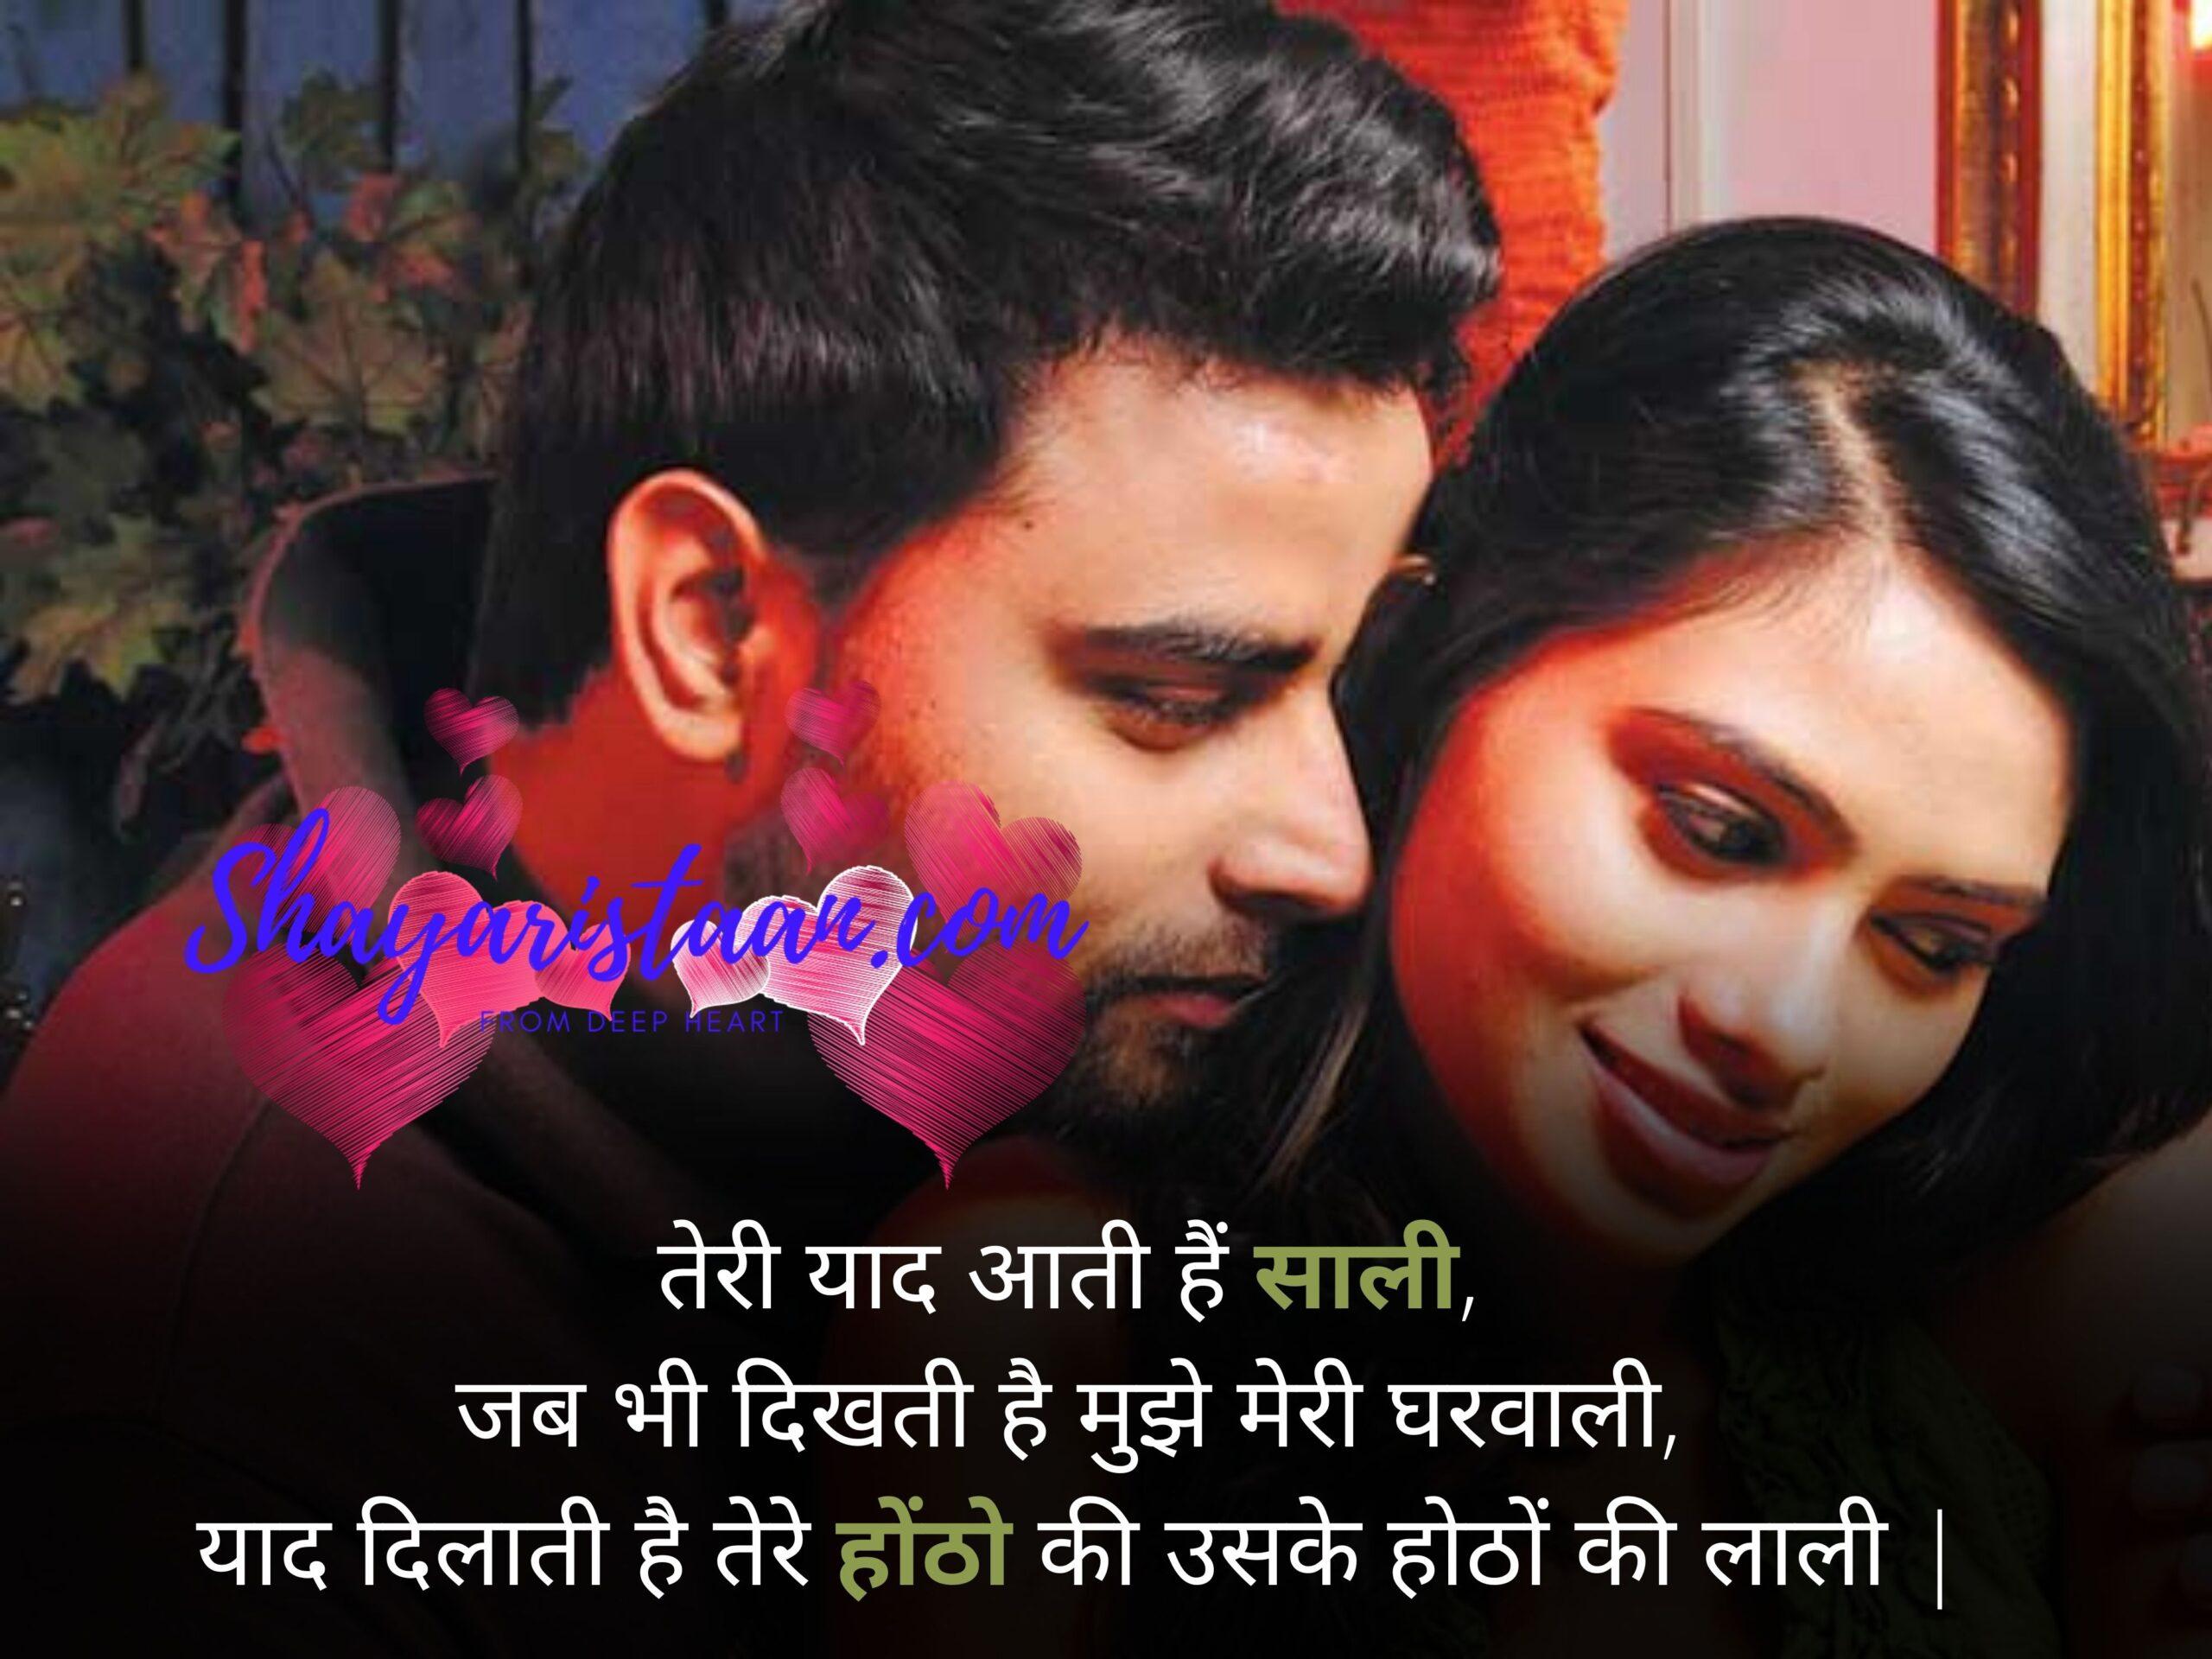 jija sali funny quotes   तेरी याद आती हैं साली, जब भी दिखती है मुझे मेरी घरवाली, याद दिलाती है तेरे होंठो की उसके होठों की लाली  